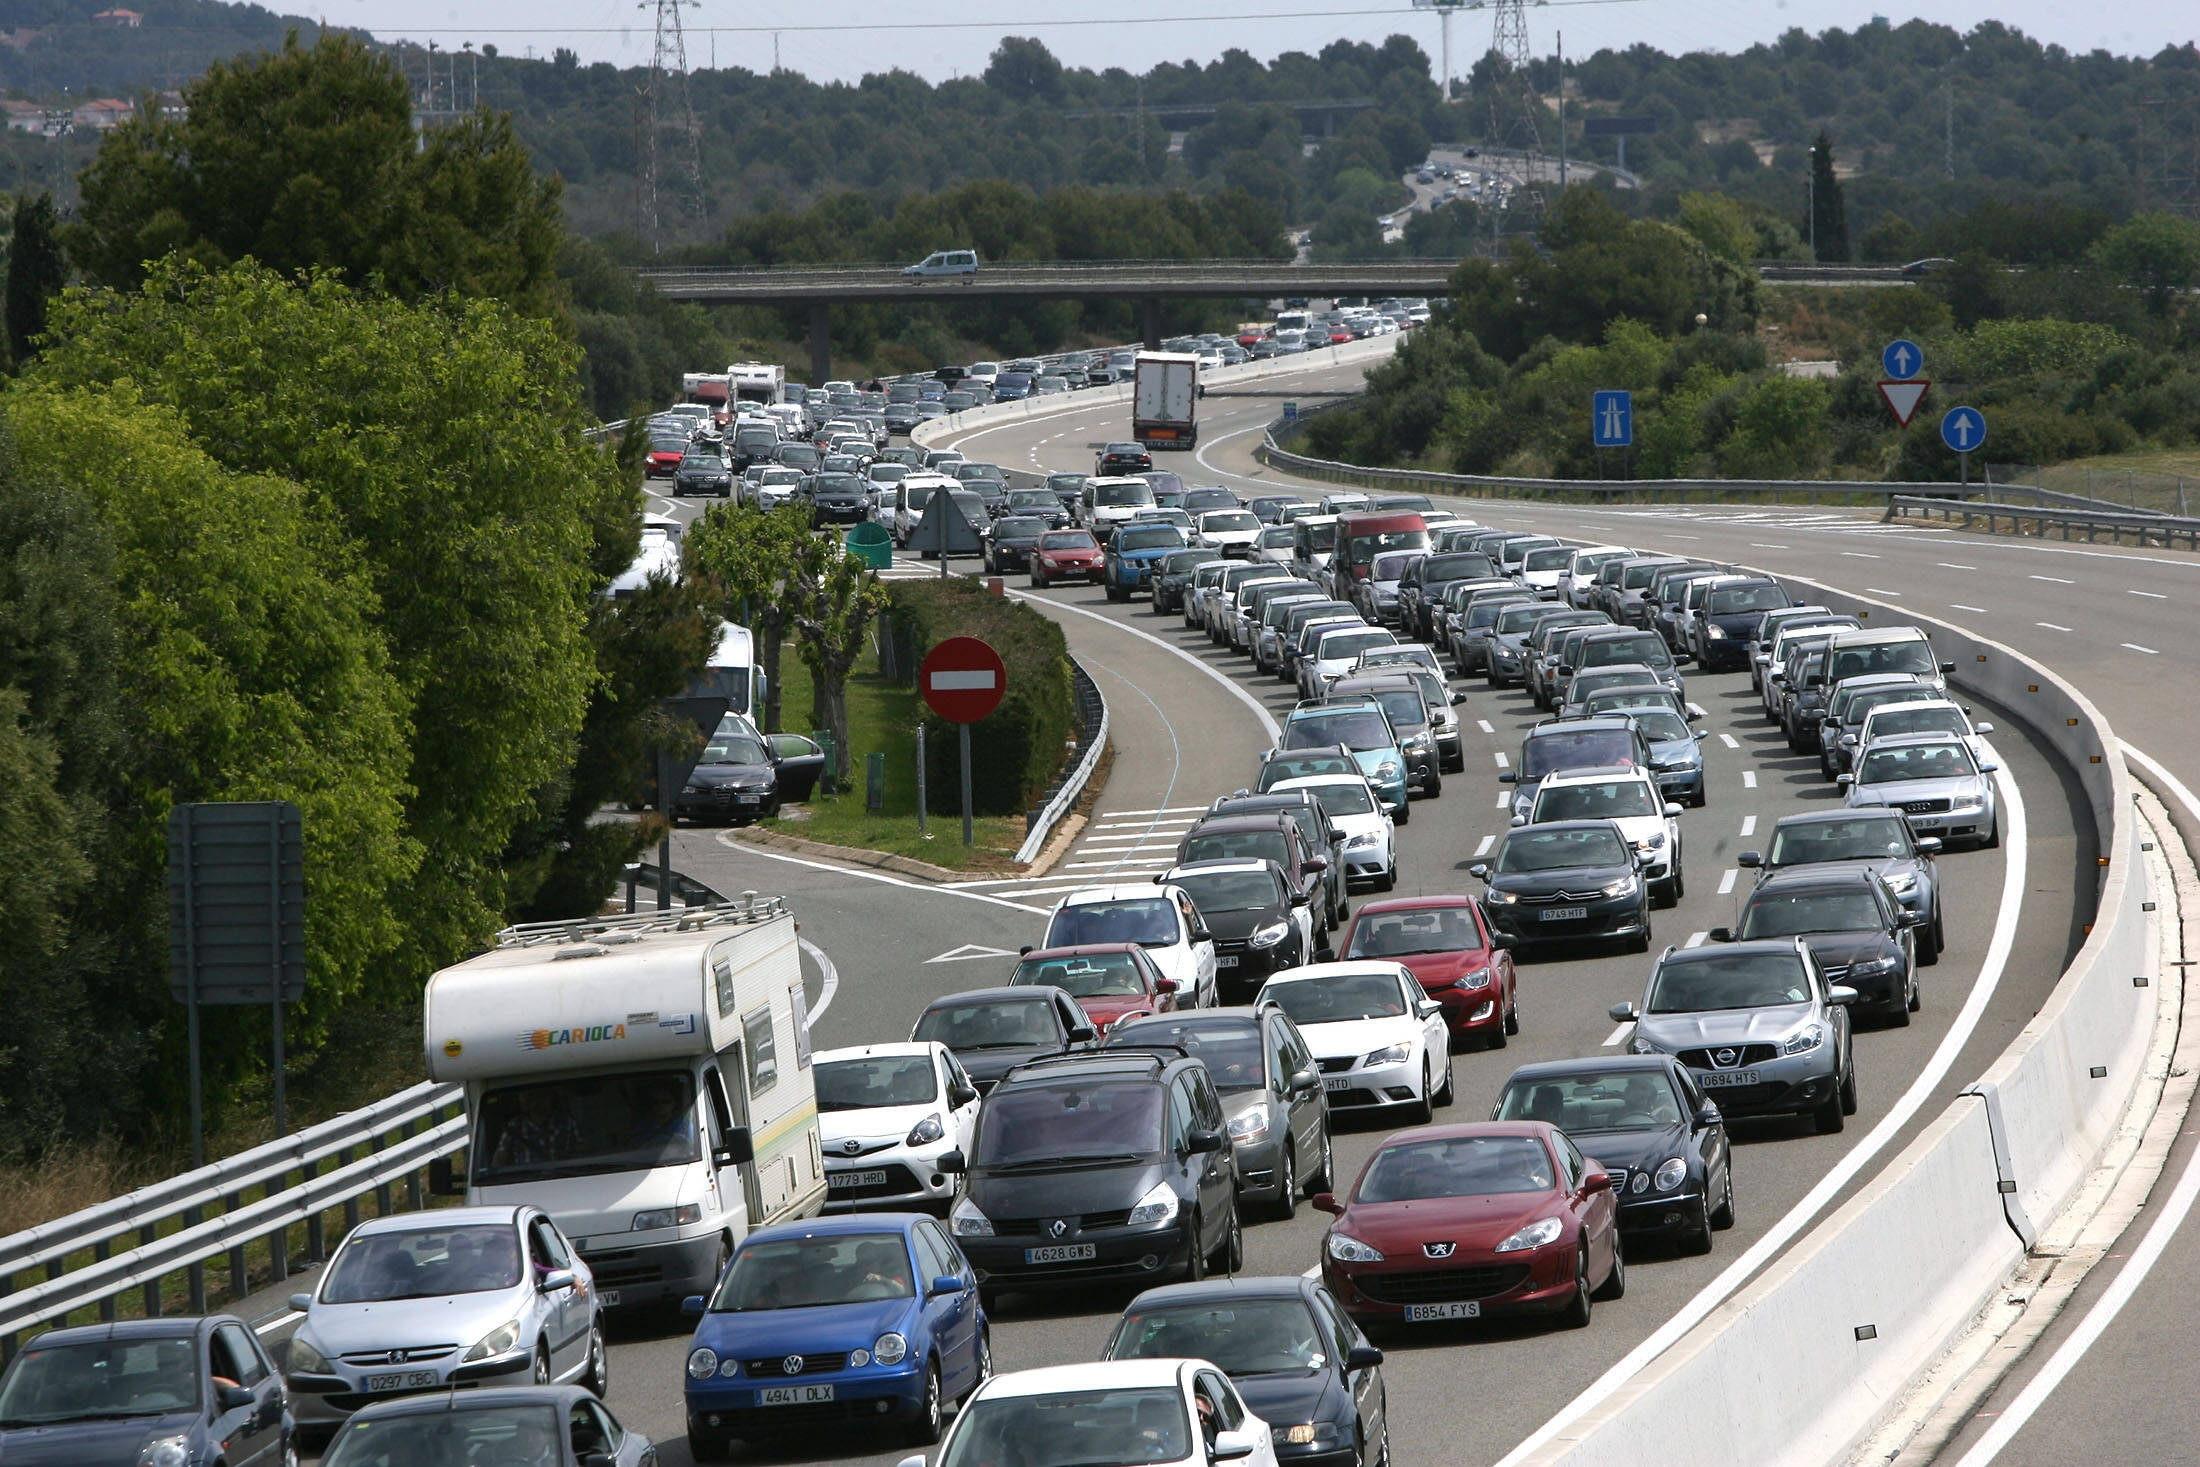 Finaliza la operación de tráfico de Semana Santa, con más fallecidos que 2013